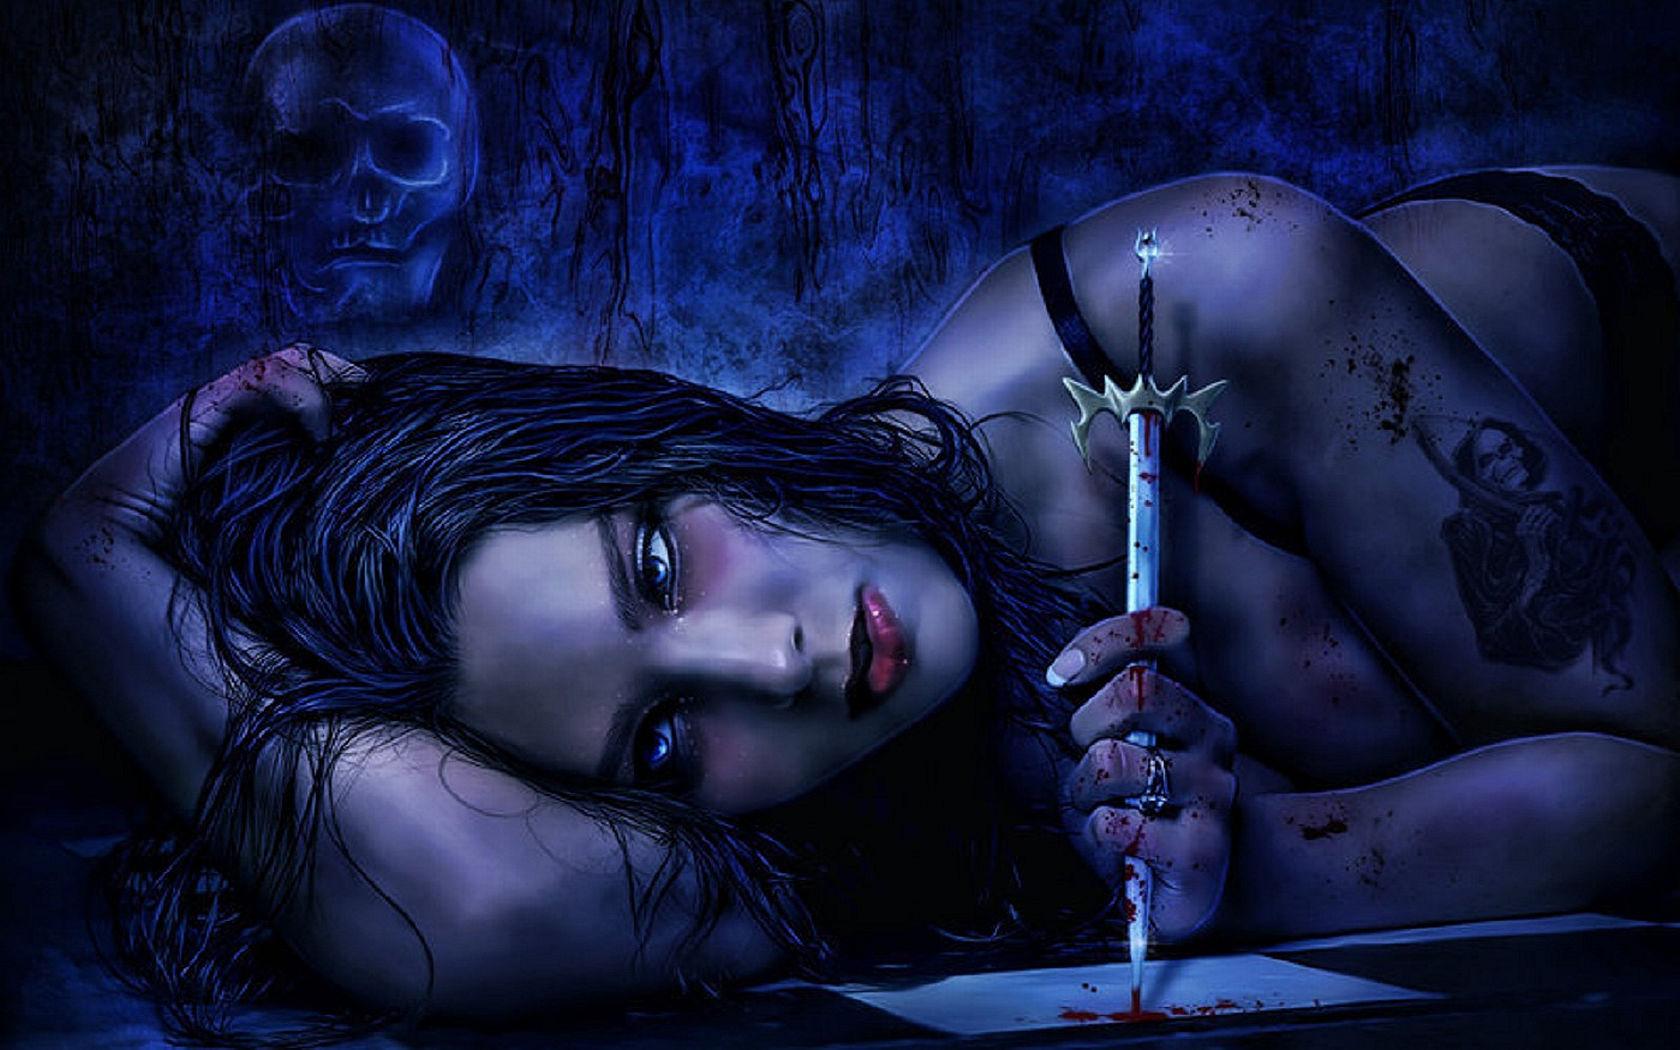 Anime girl gothic dark art wallpaper